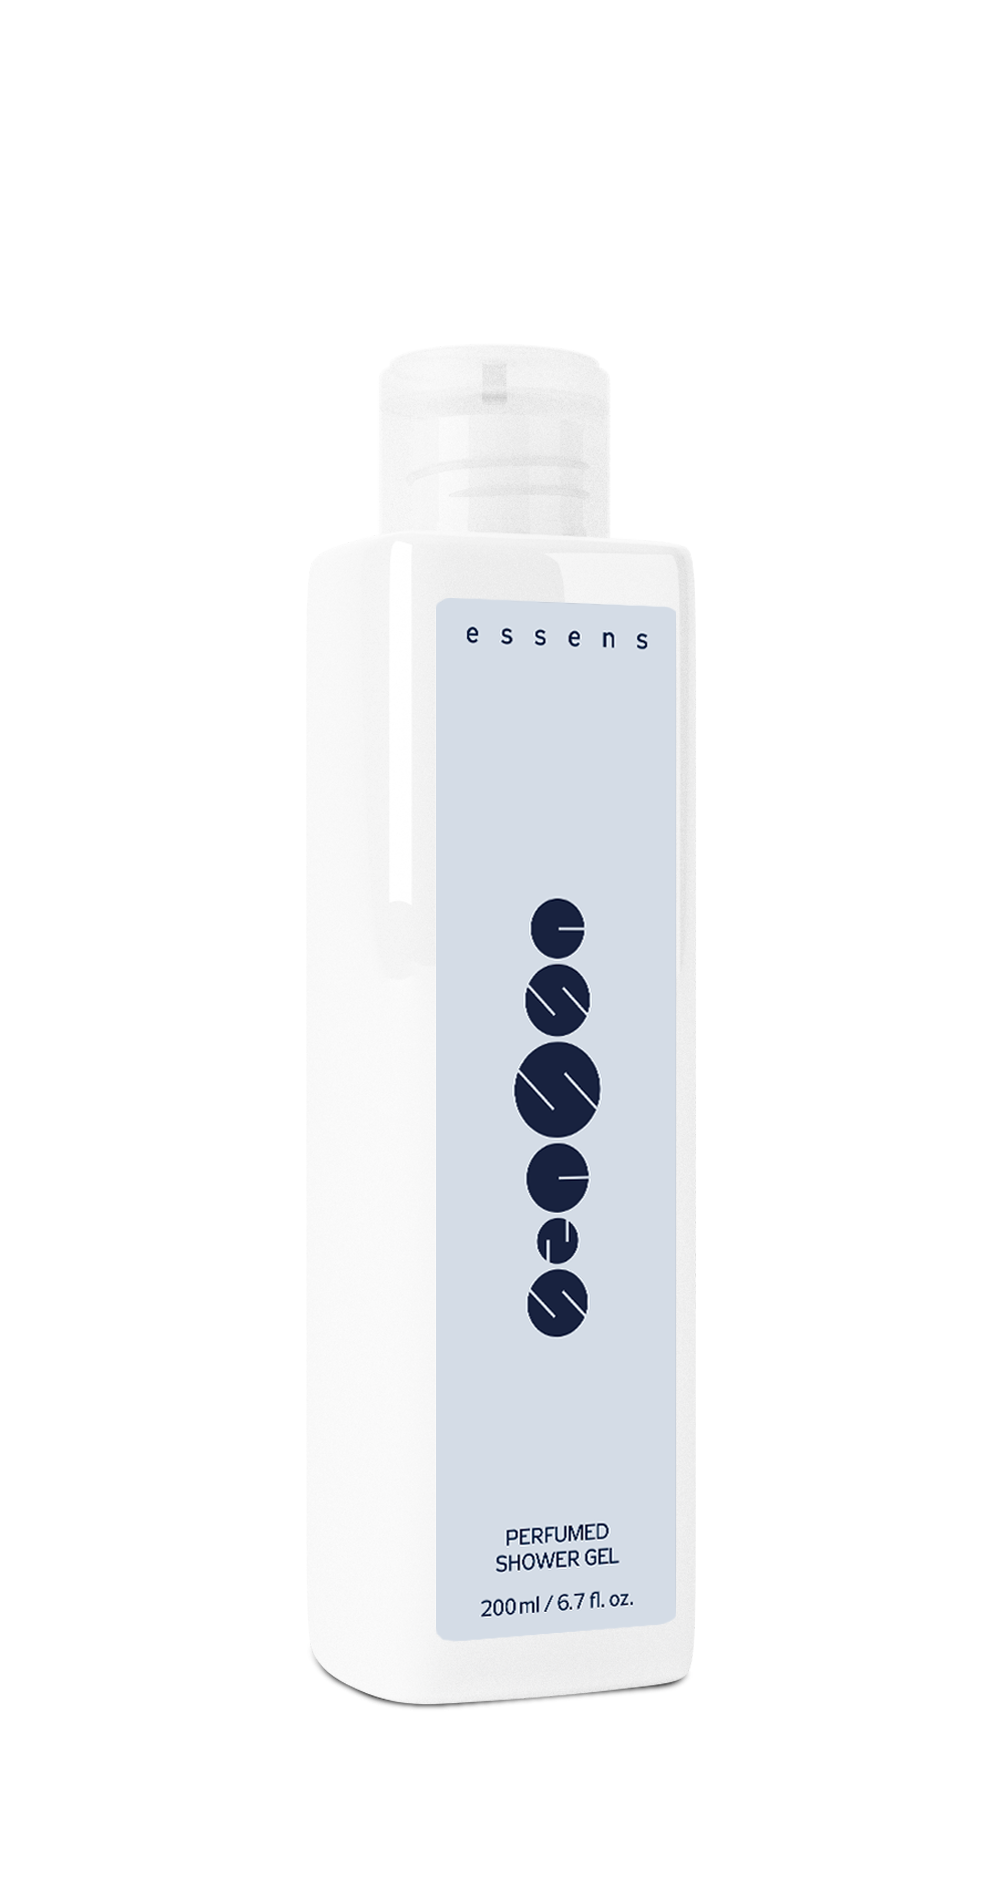 ESSENS w125 Objem: Sprchový gel 200ml